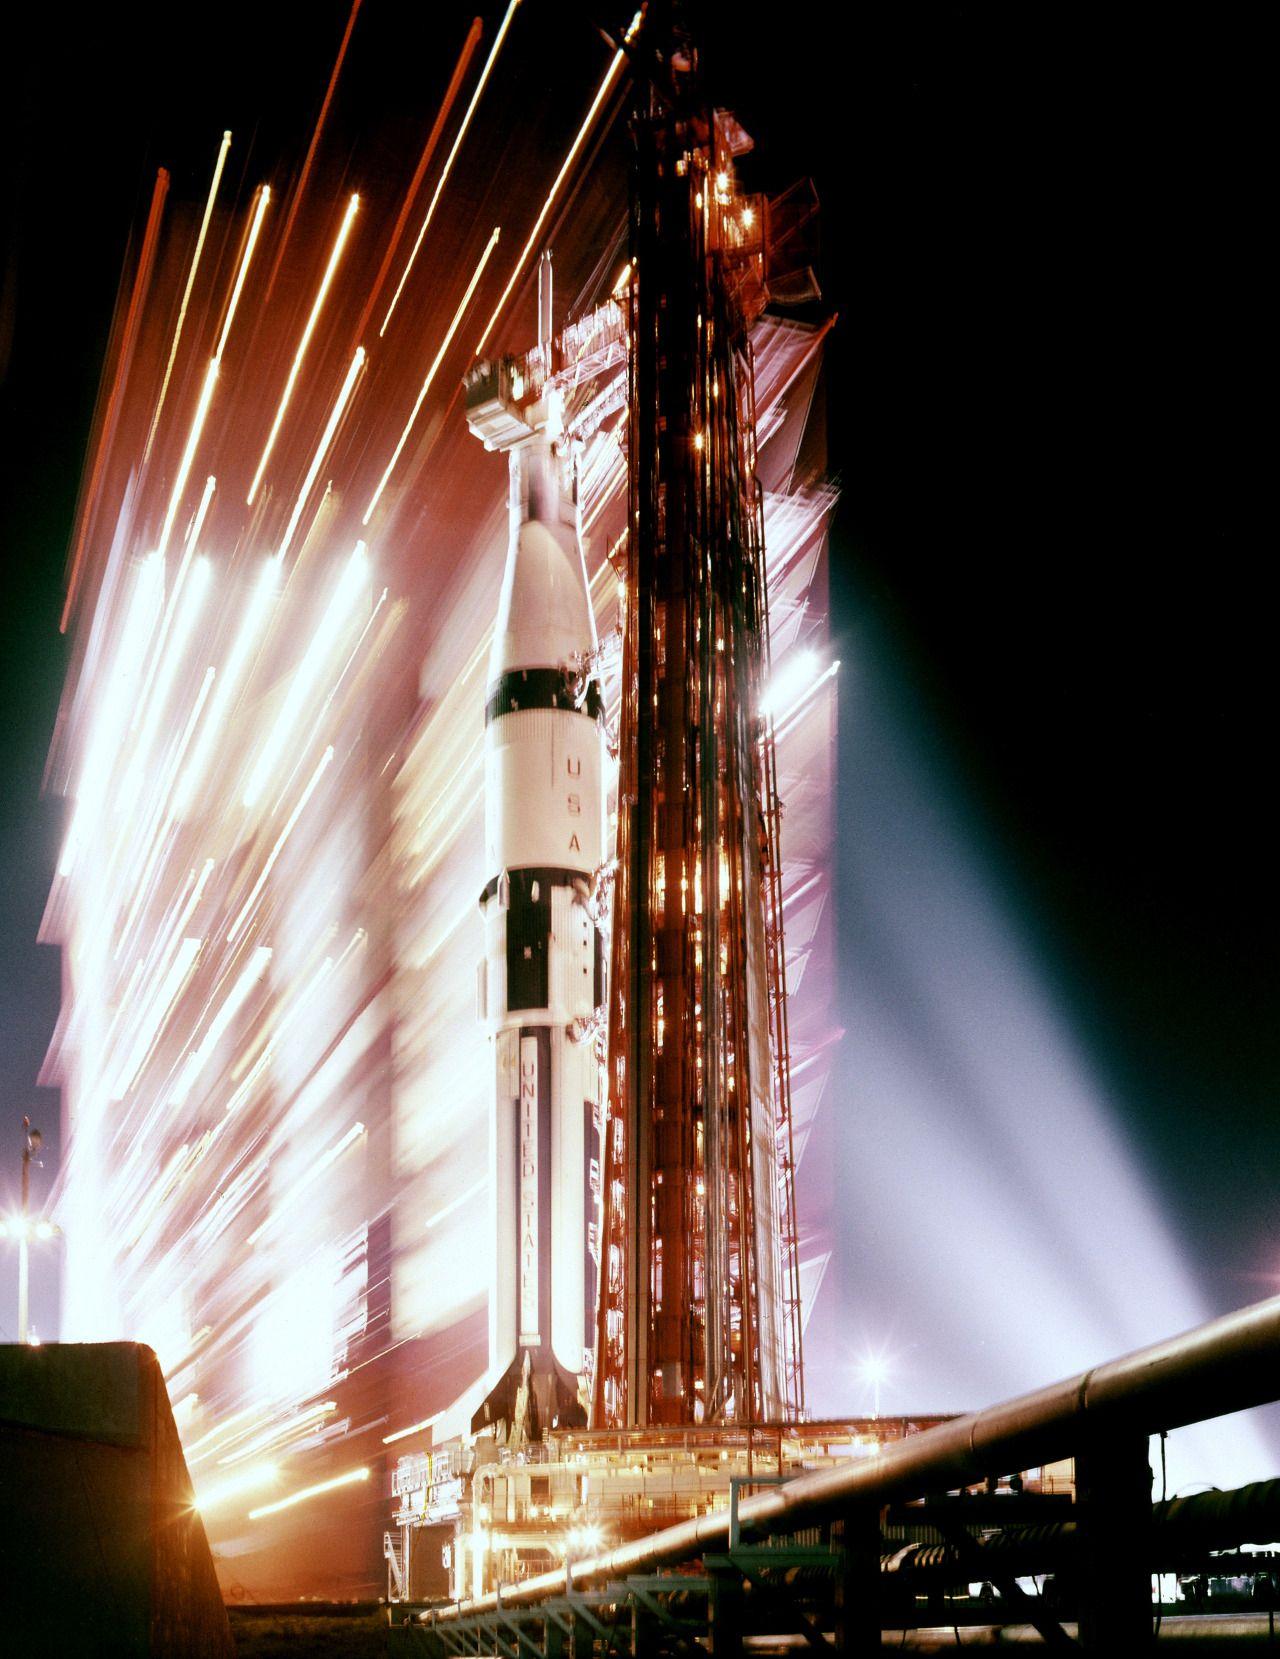 apollo space night - photo #26